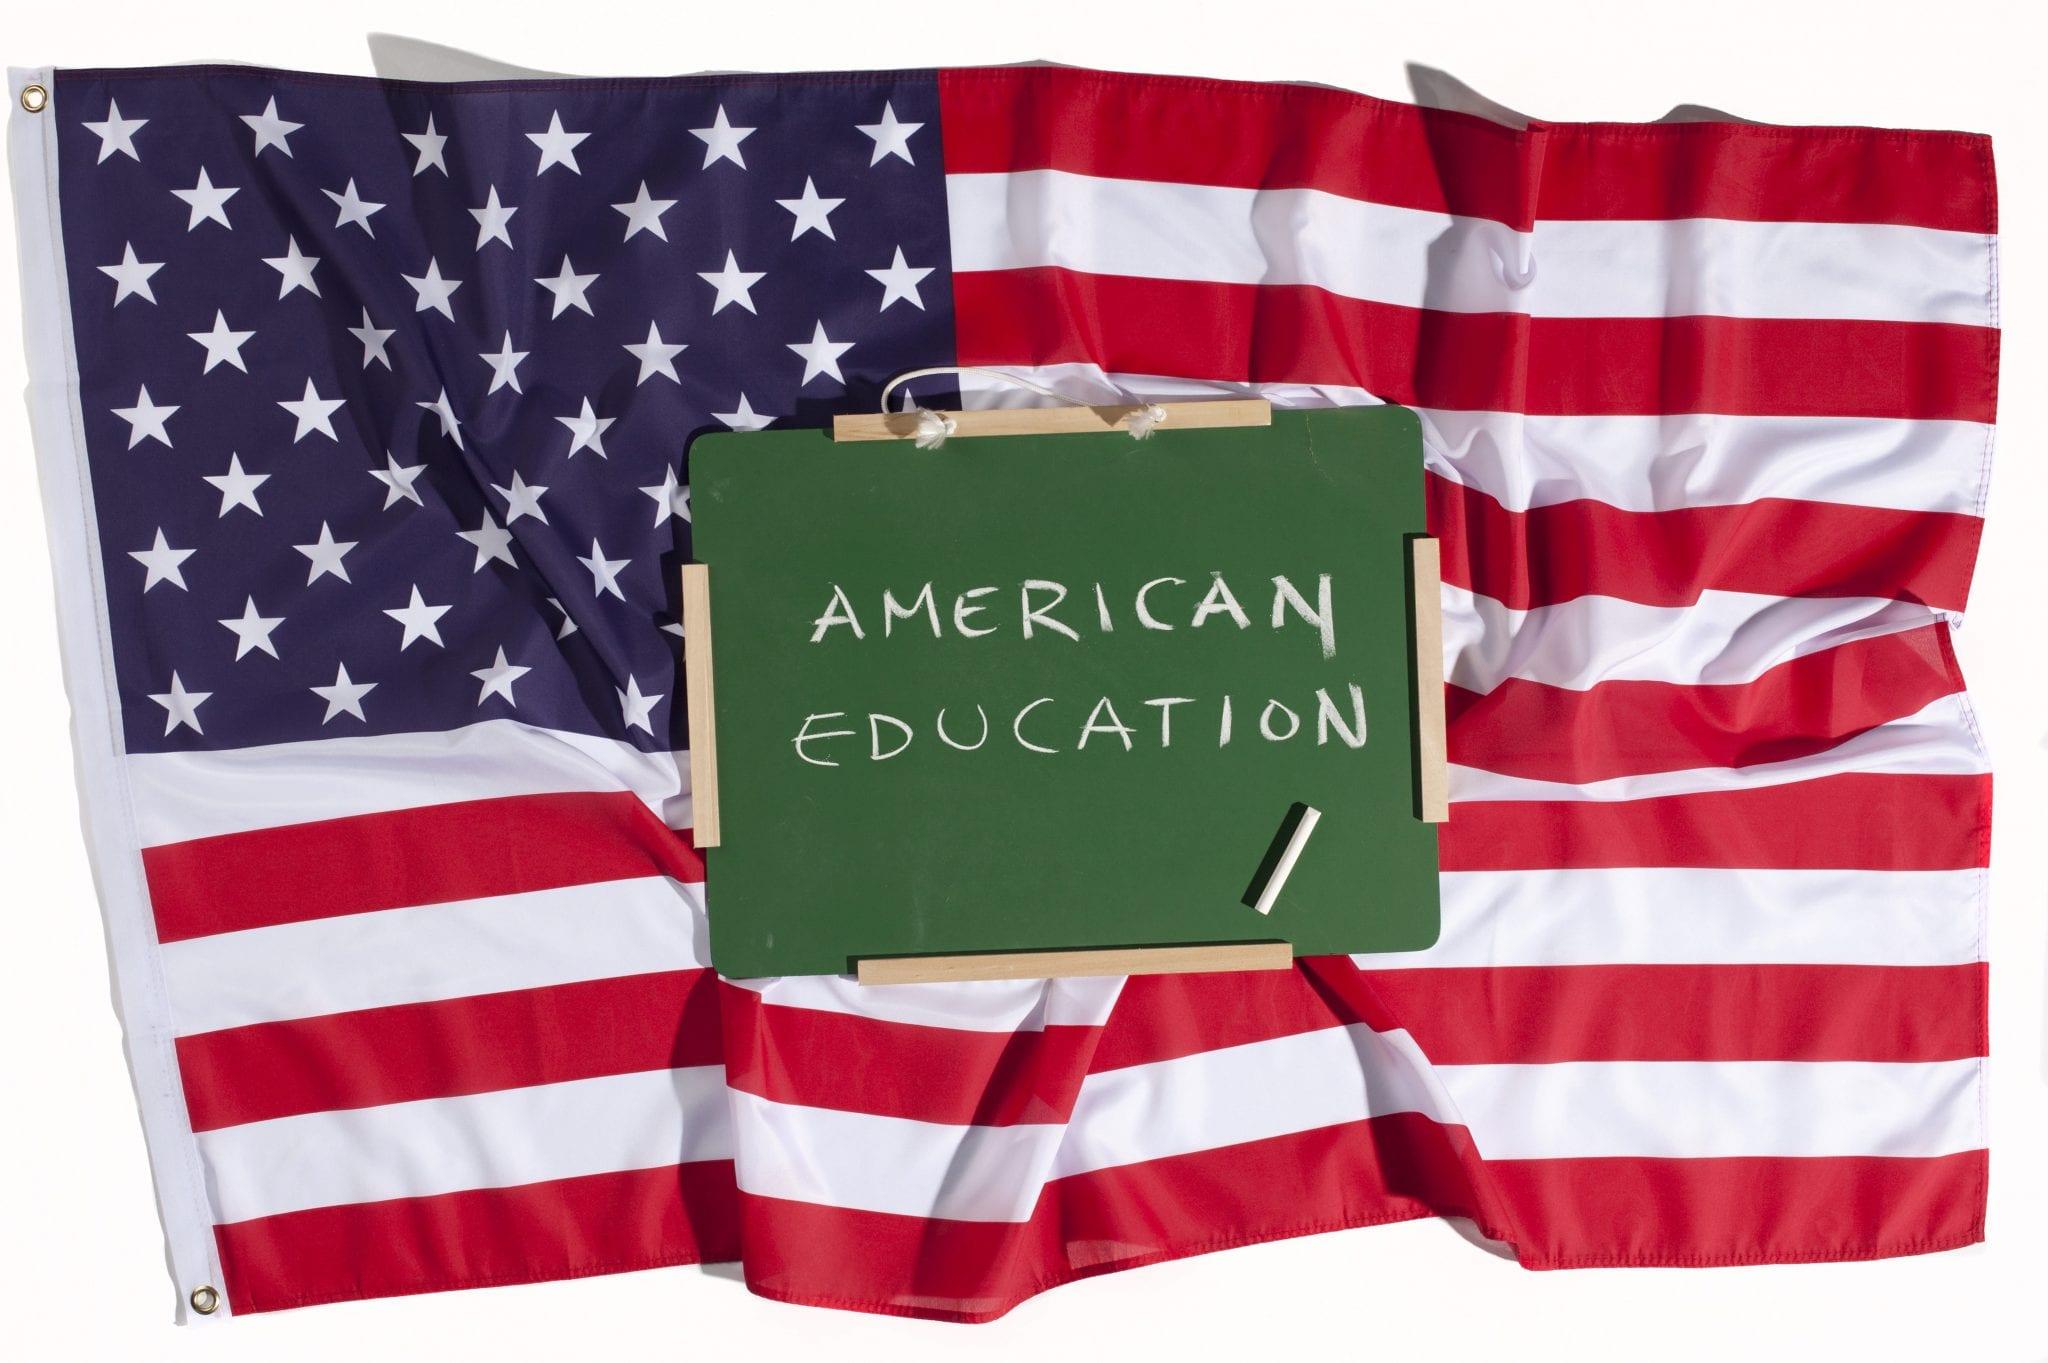 Cùng tìm hiểu về hệ thống giáo dục Hoa kỳ